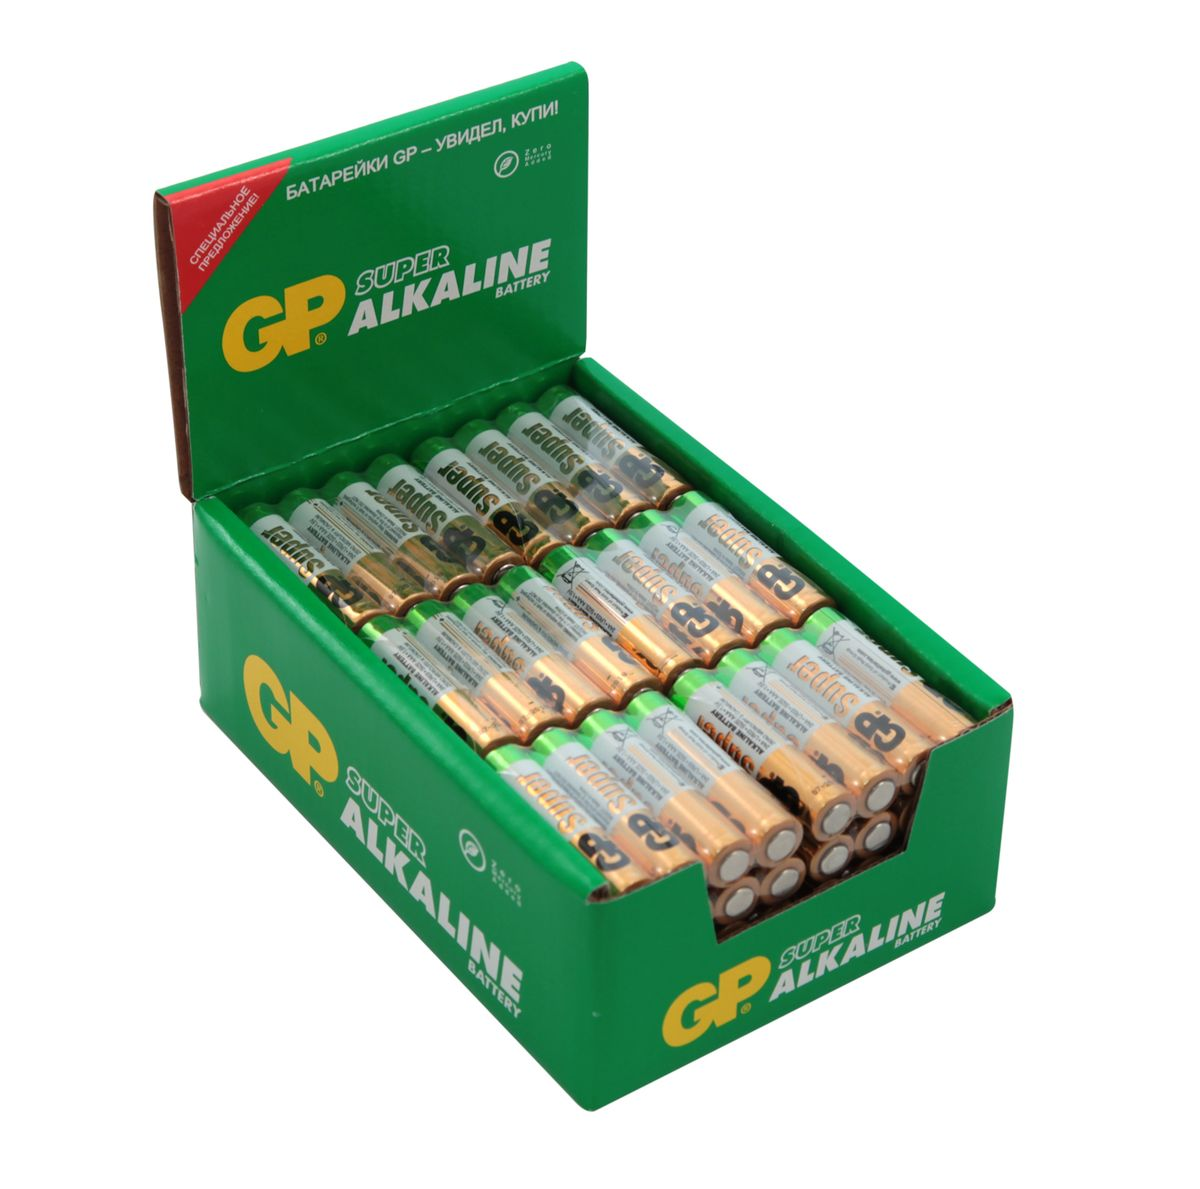 Батарейка алкалиновая GP Batteries  Super Alkaline , тип ААА, 96 шт - Батарейки и аккумуляторы